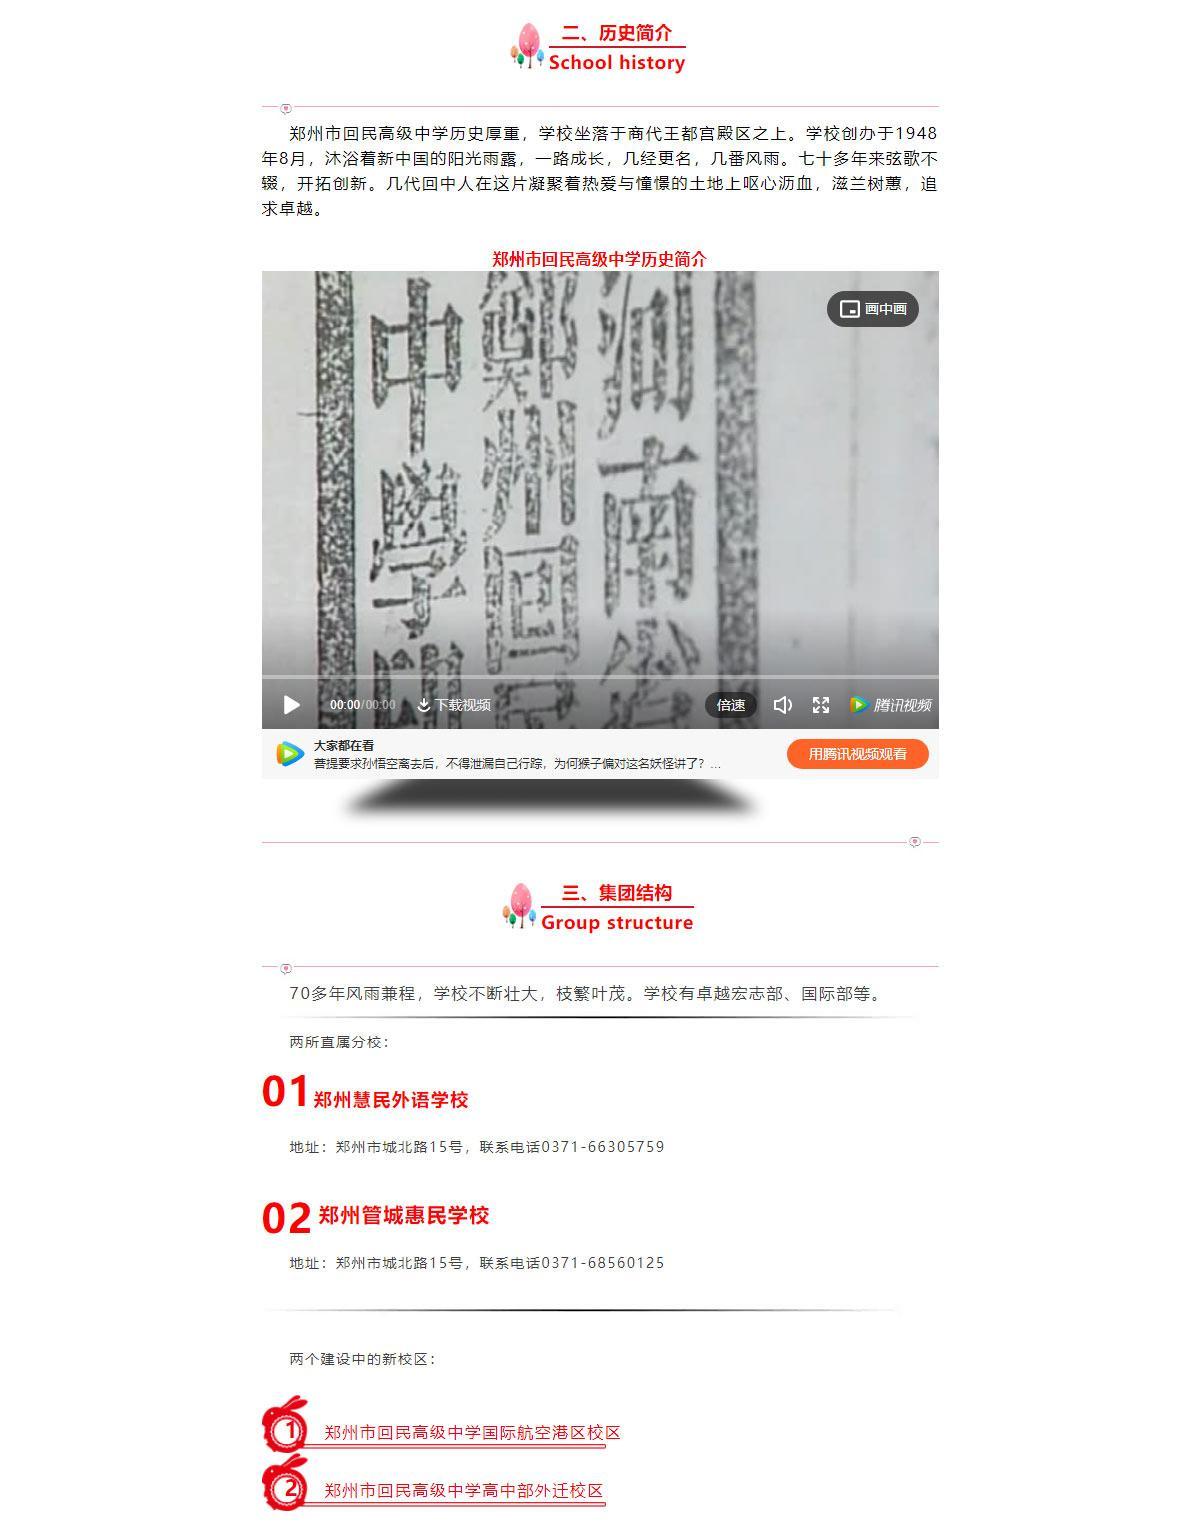 回中简介4